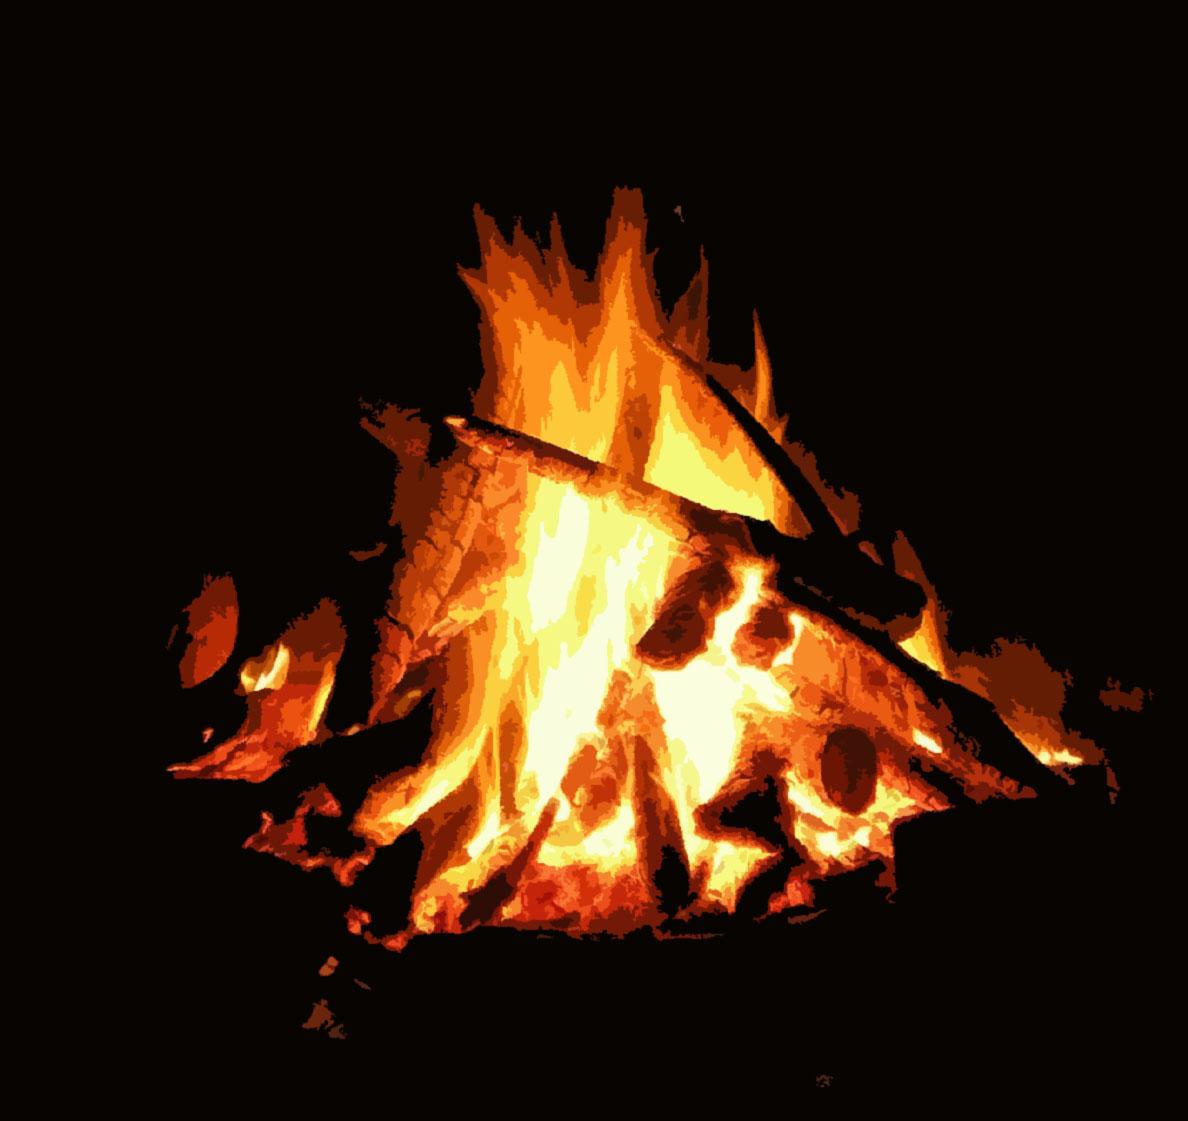 20140405114919-campfire-pic